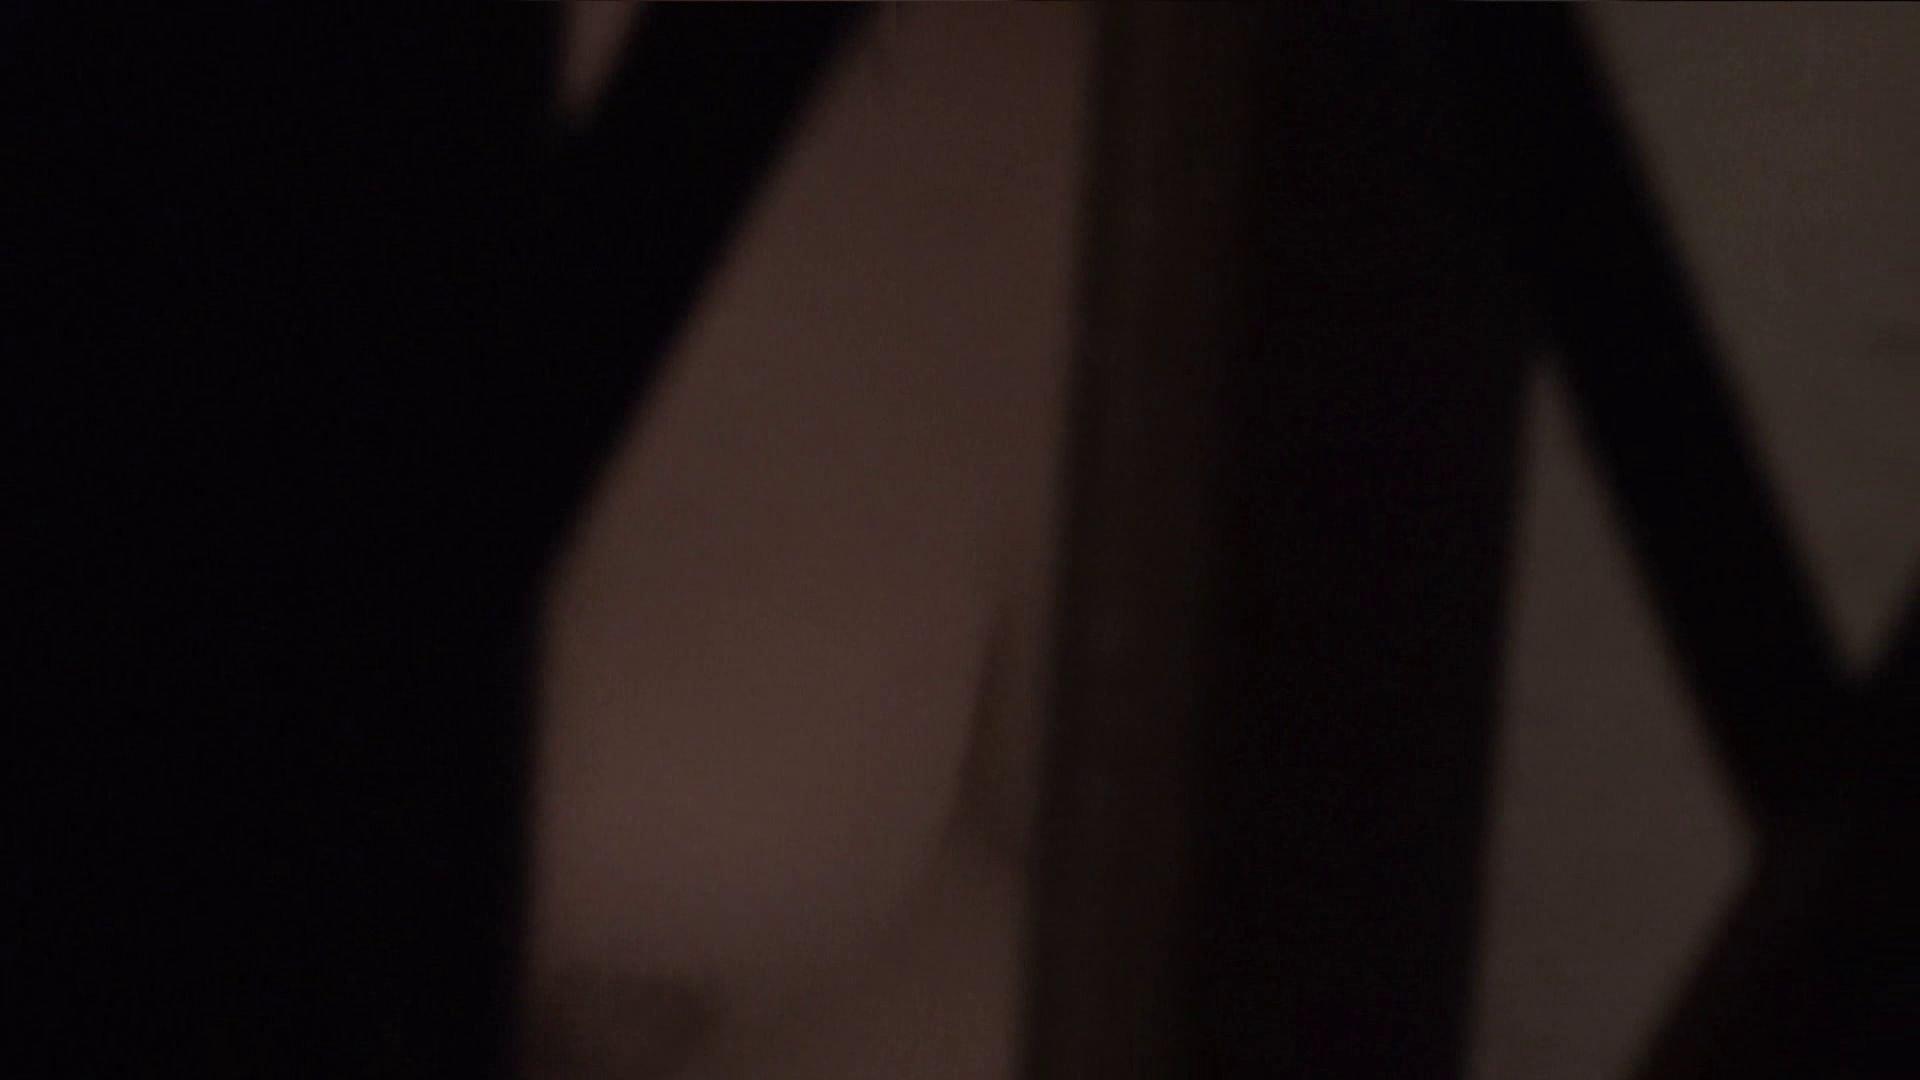 民家の騎士さんの最後の性戦ハイビジョン!!No.50 民家   おっぱい特集  46pic 31